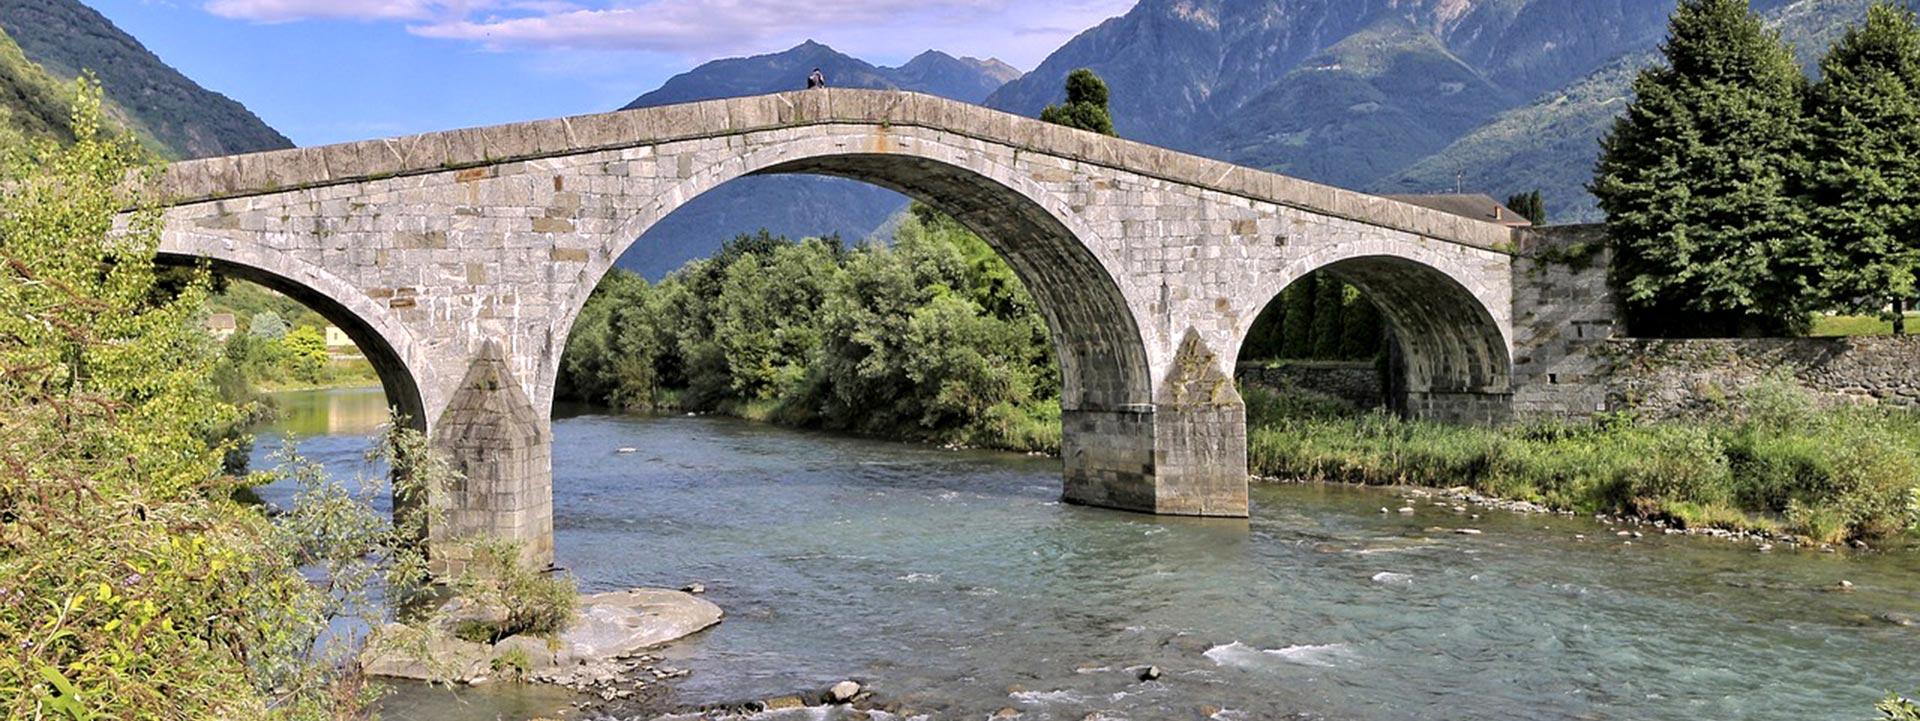 Riding Valtellina